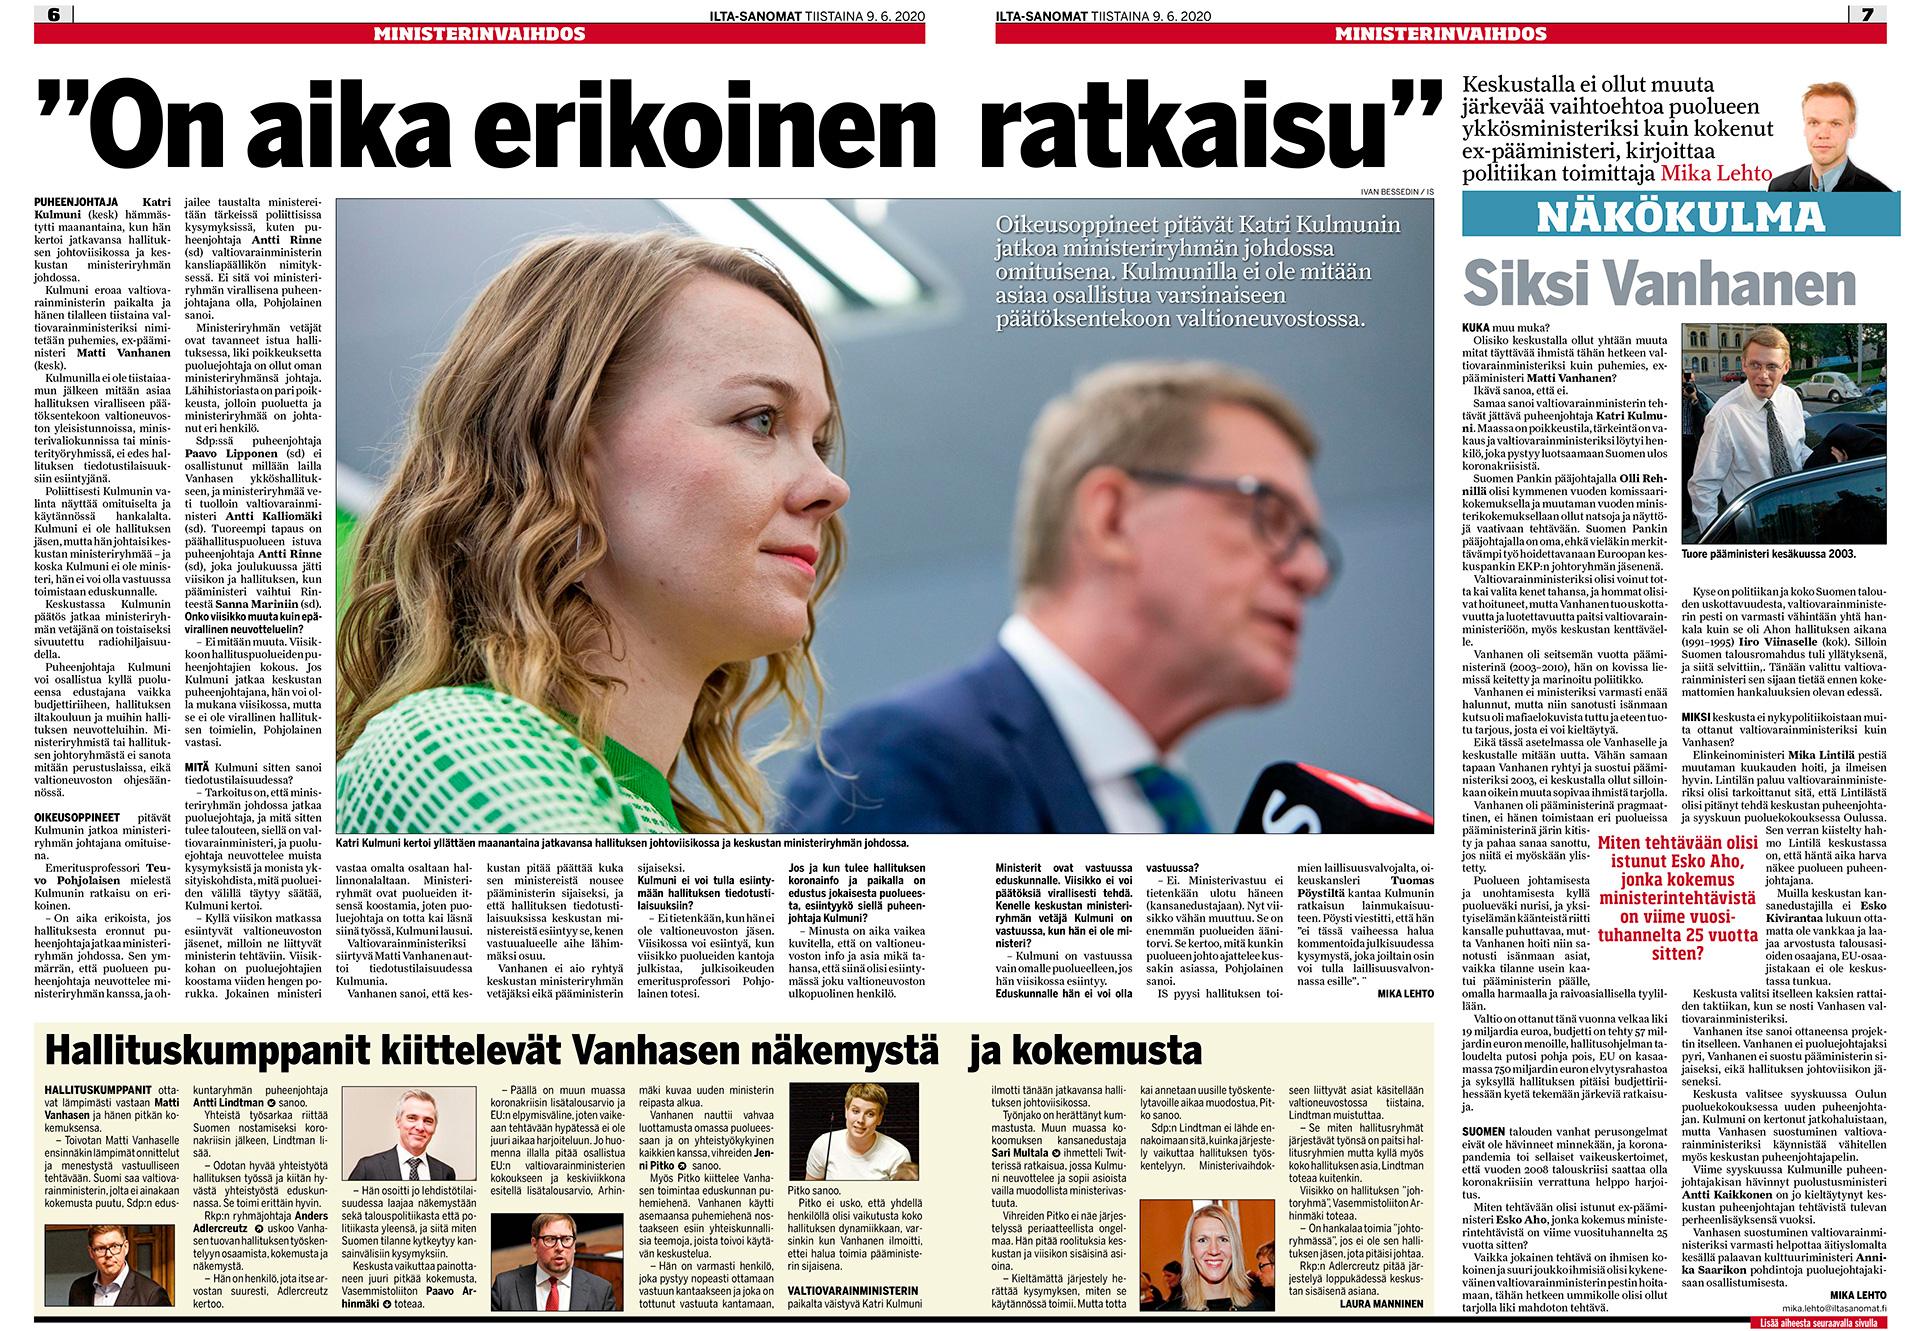 Ilta-Sanomat, Keskustan puheenjohtaja Katri Kulmuni, valtionvarainministeri Matti Vanhanen